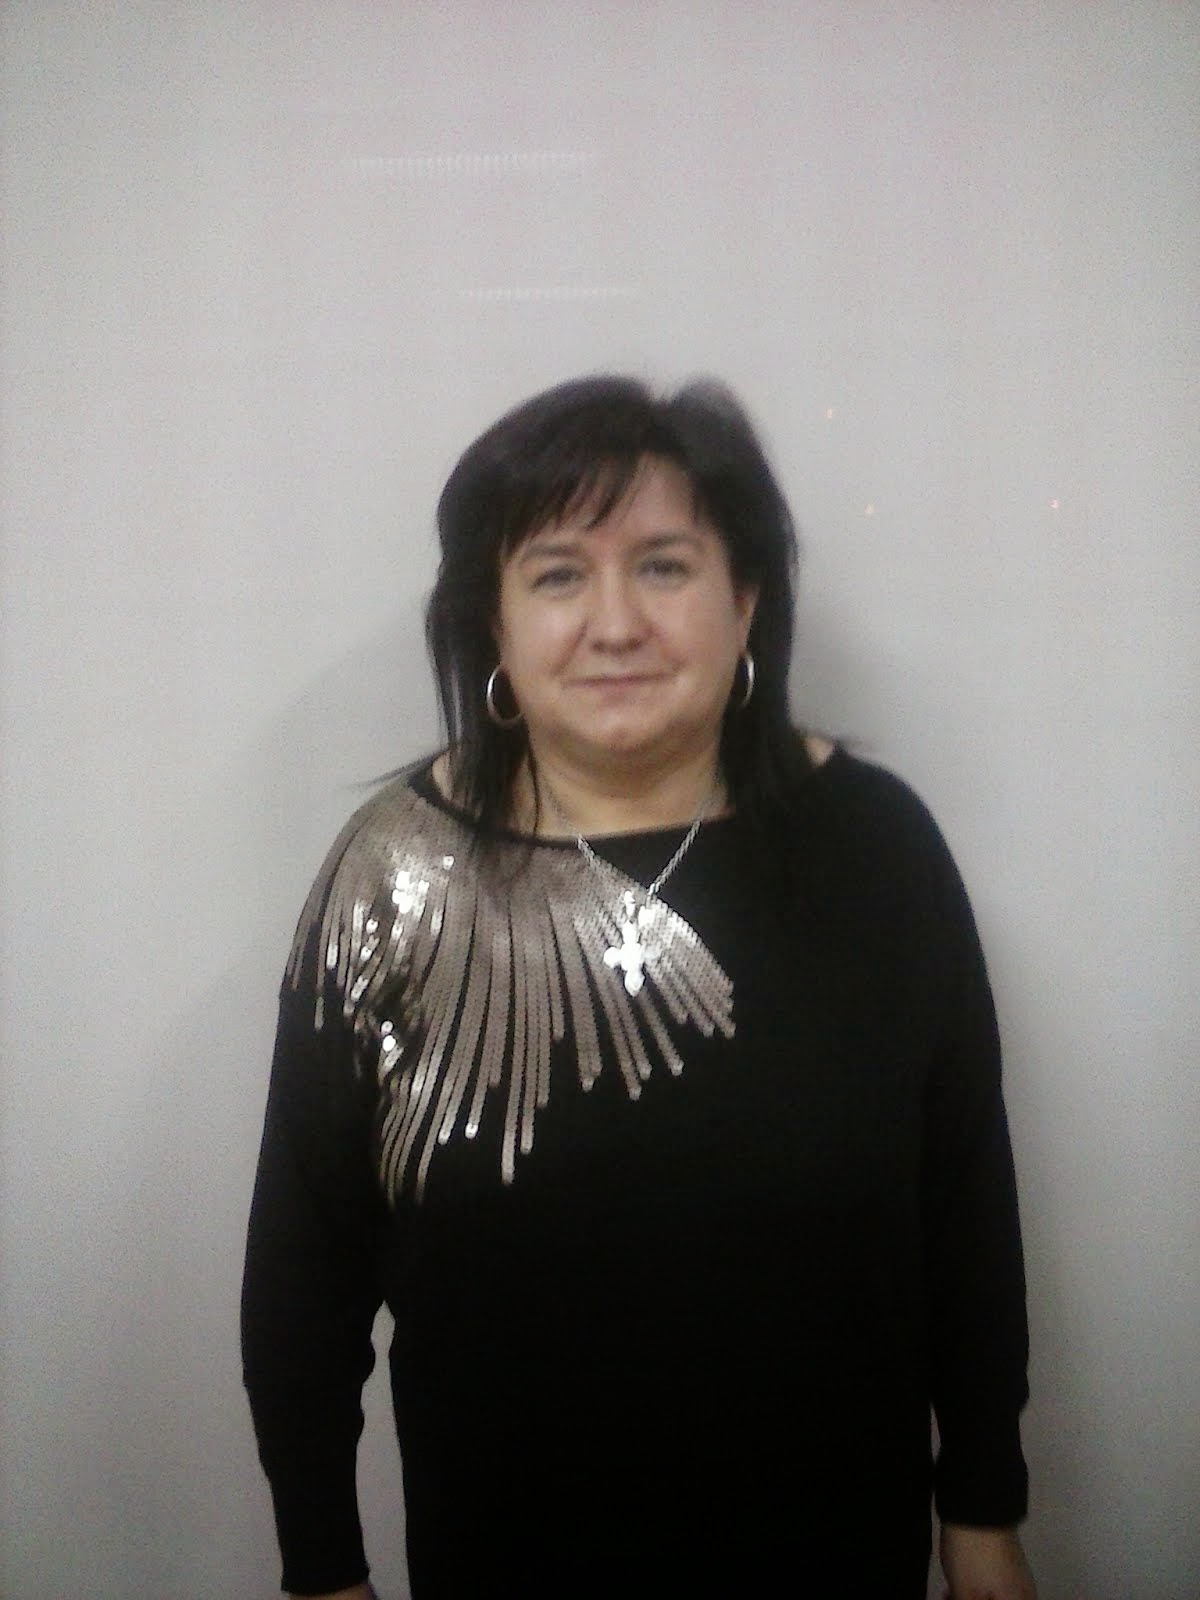 Ana Centeno